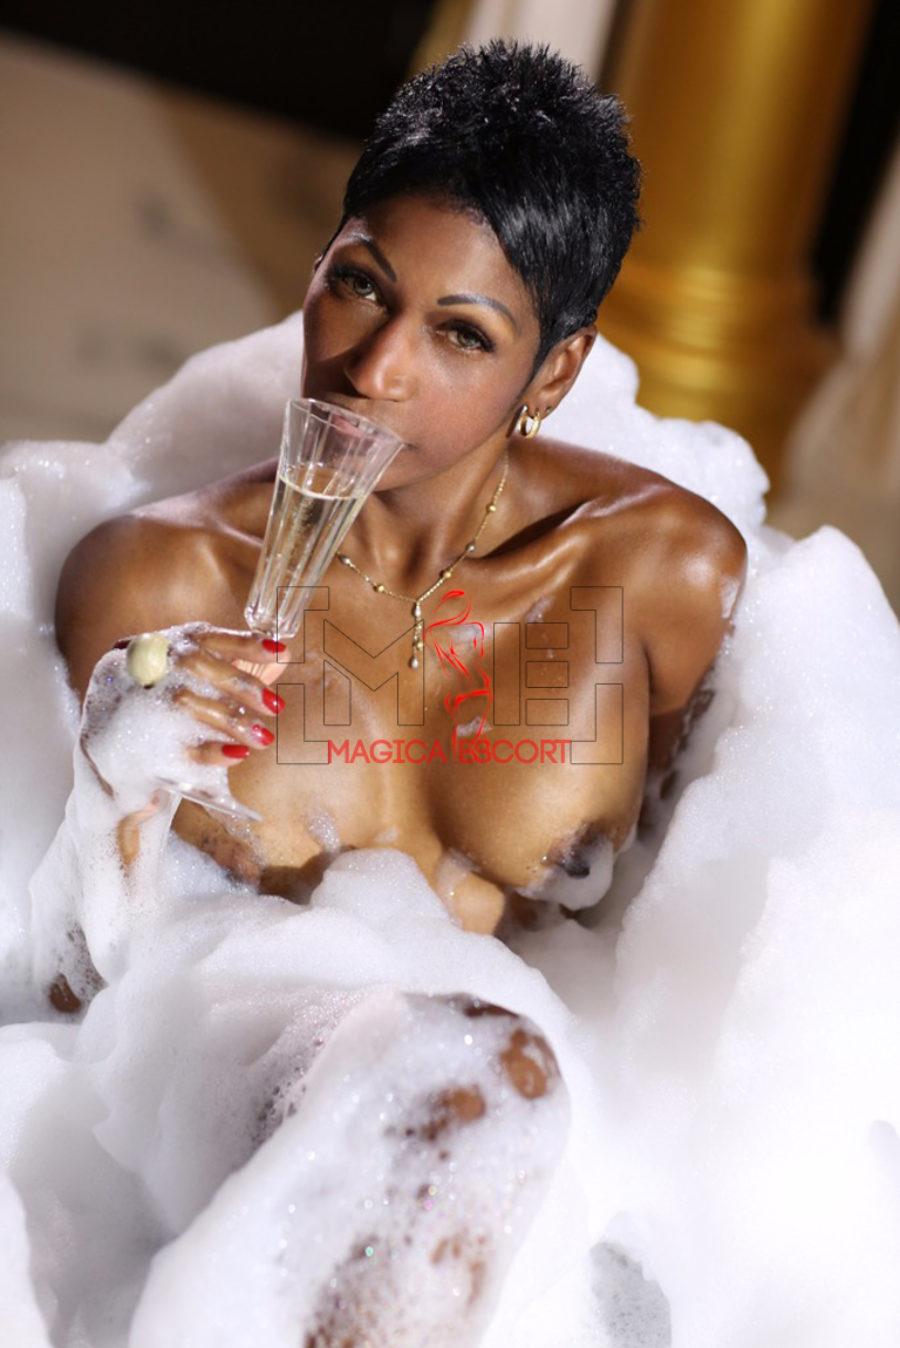 Escort cubana Sharon avvolta nella schiuma mentre beve dello champagne nella sua vasca da bagno. Magica Escort.